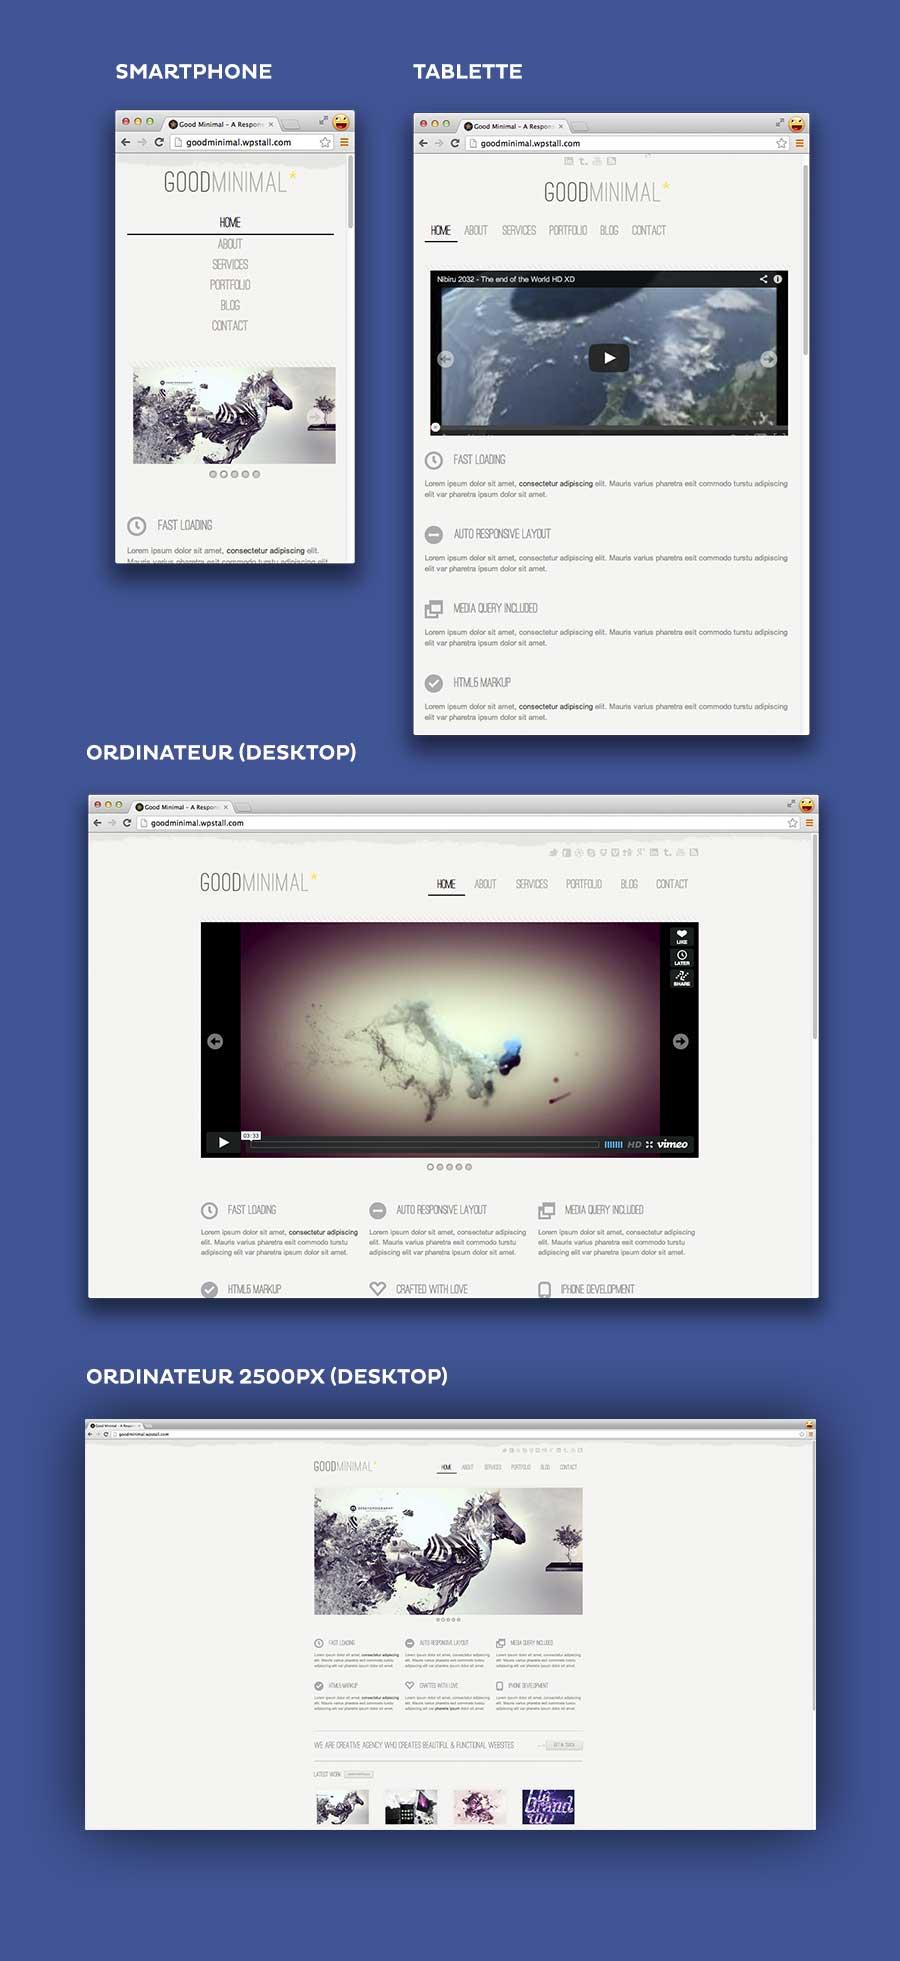 Dans cet exemple le site s'adapte très bien aux différent format d'écrans mais l'on voit clairement qu'à 2500px le design n'est pas adapté.